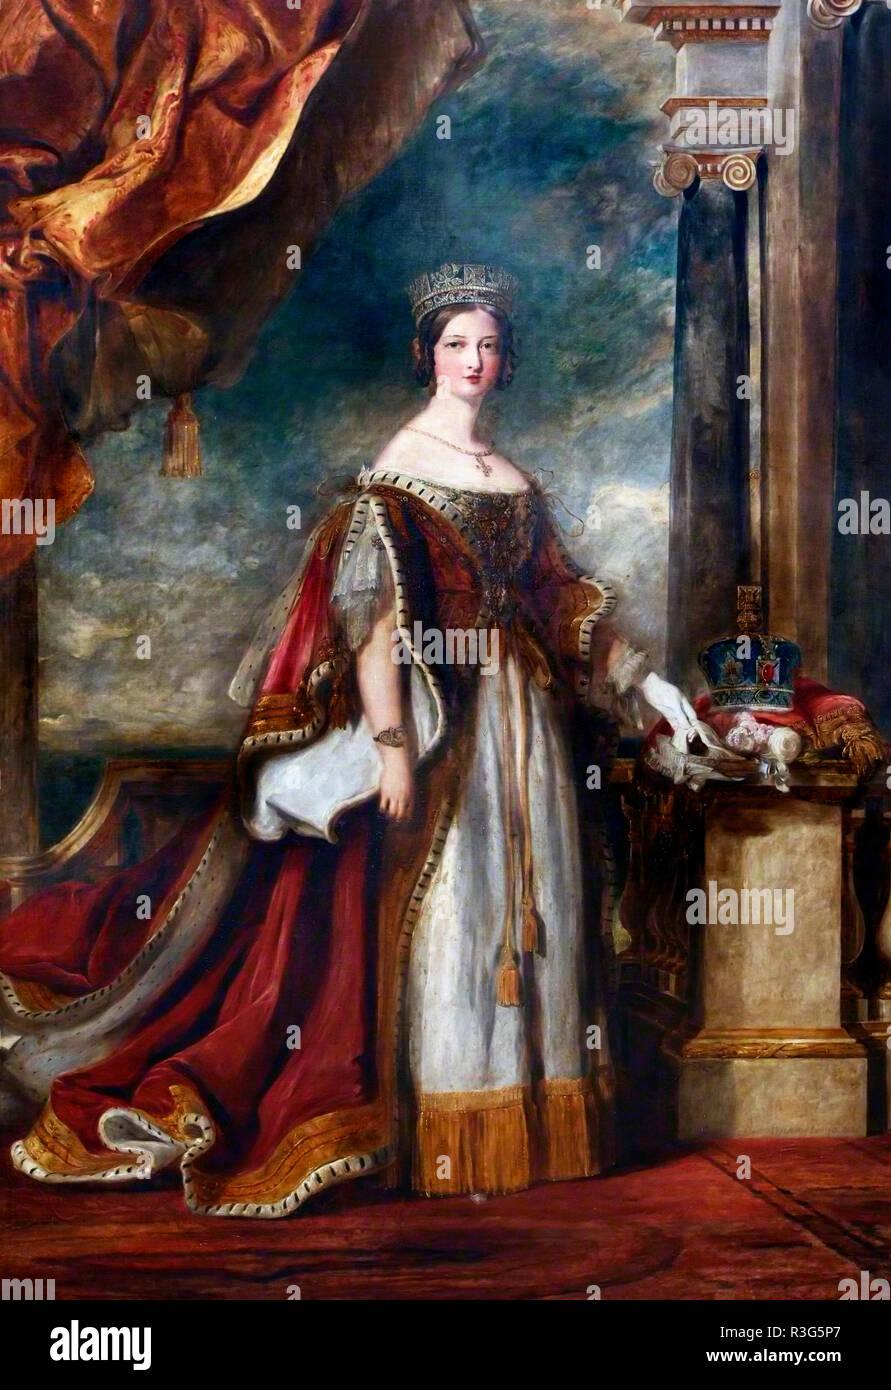 La reina Victoria como una mujer joven. Retrato de David Wilkie, óleo sobre lienzo, 1840 Imagen De Stock